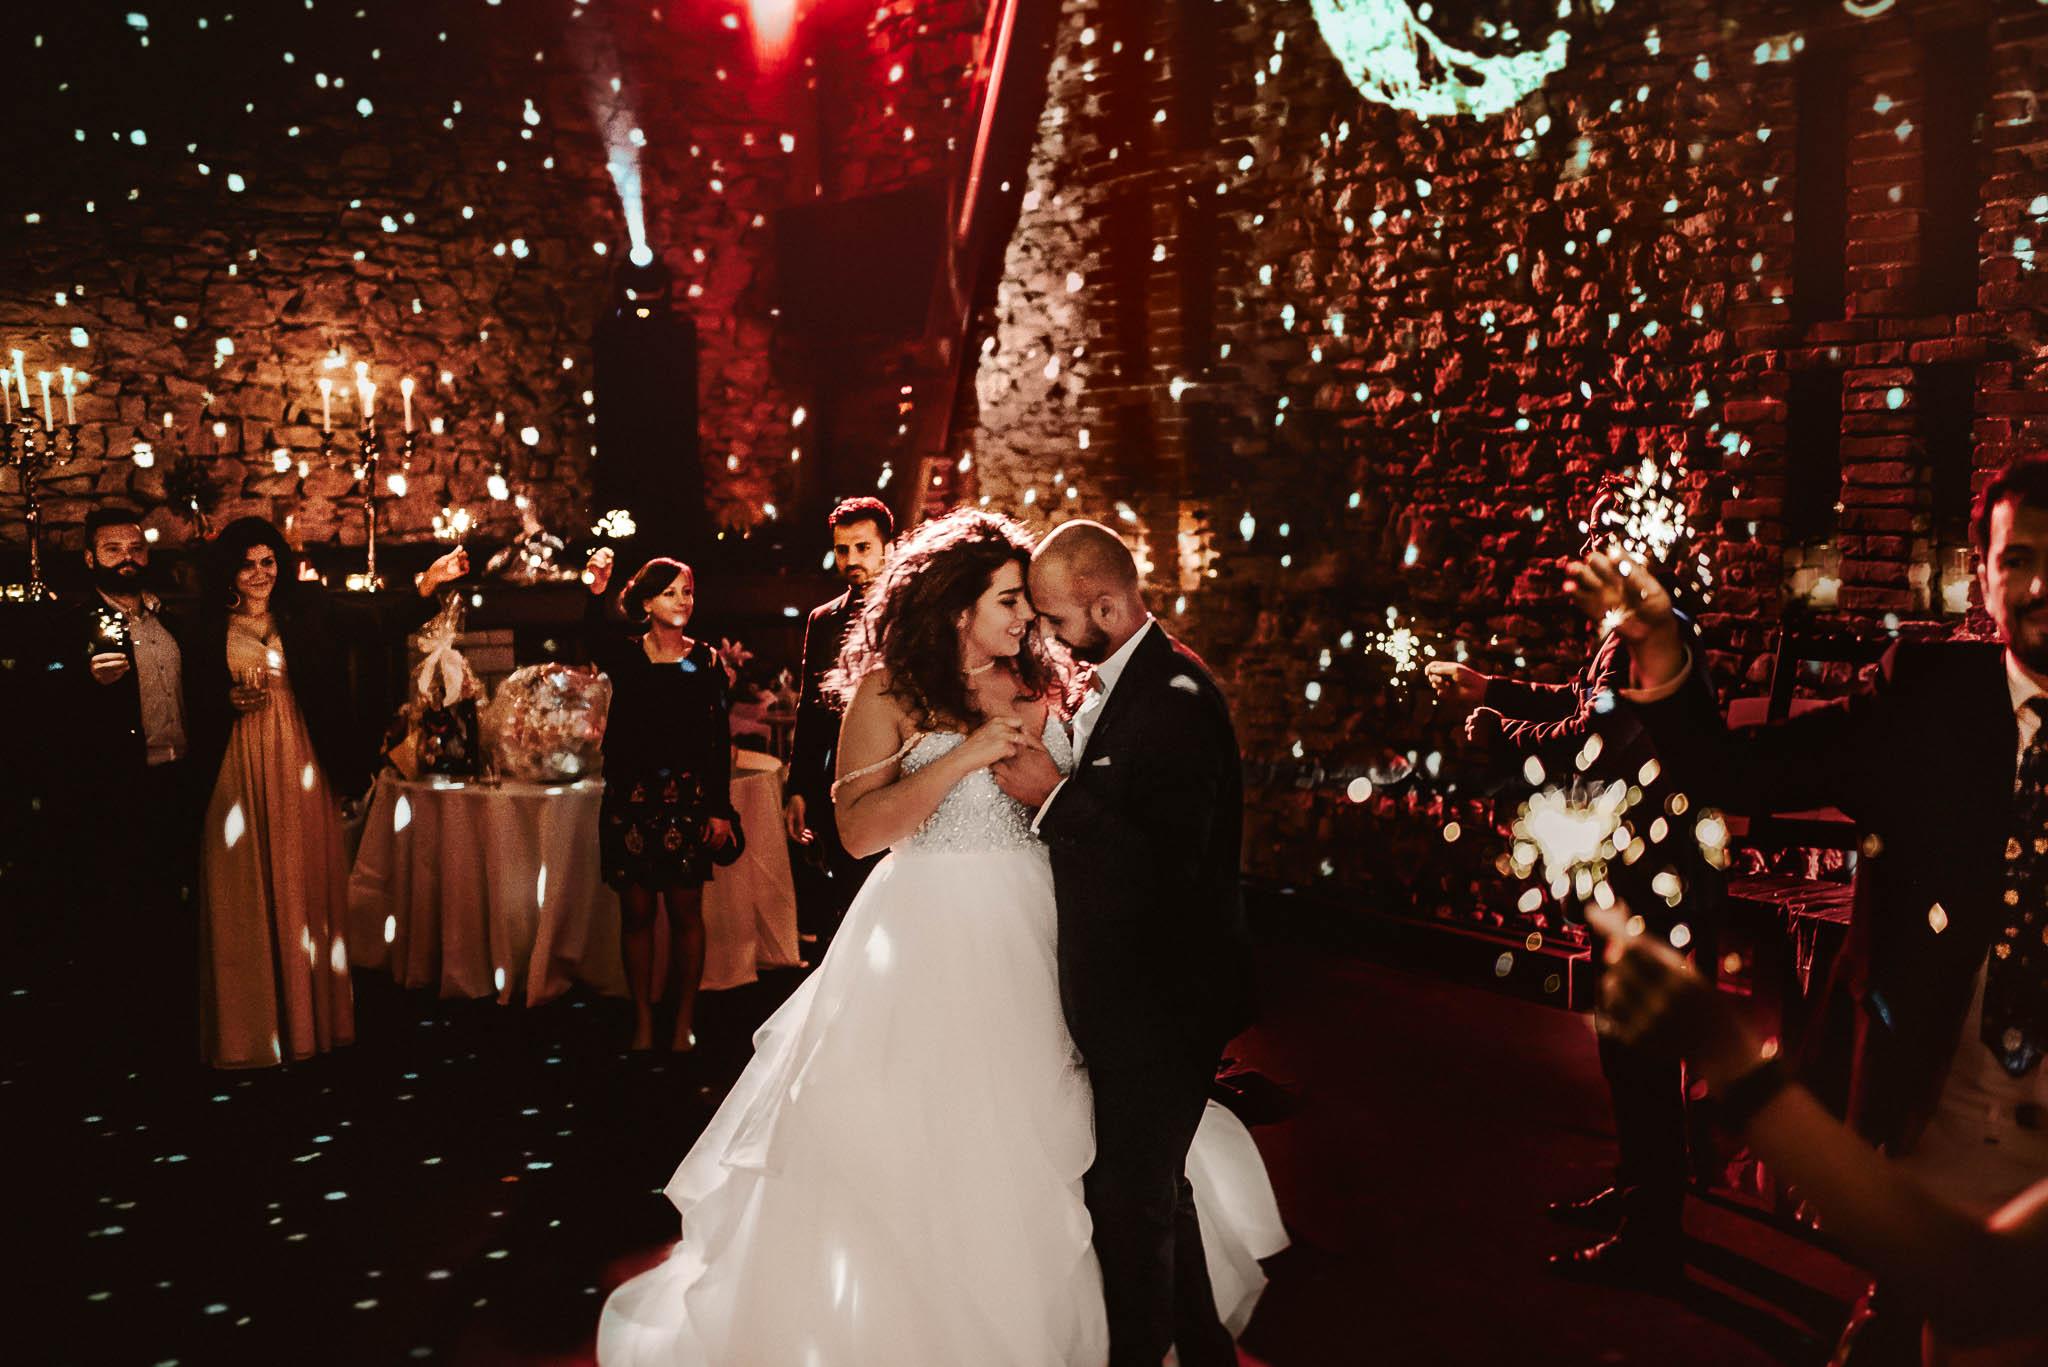 Erster Tanz Hochzeitstanz mit Wunderkerzen